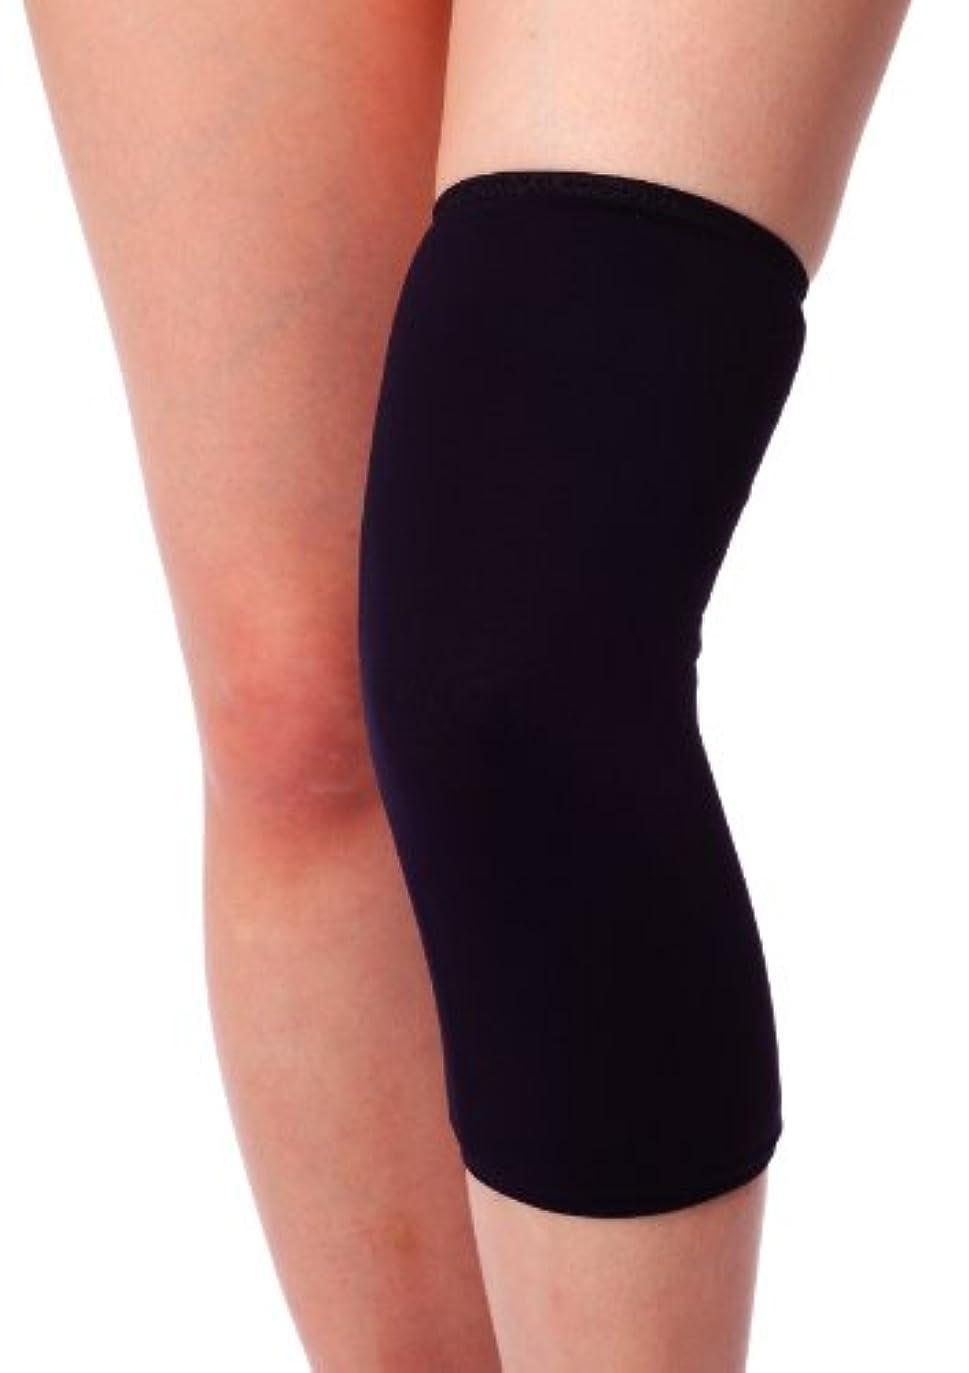 引き出すエールしばしばbonbone 発熱ウォーマー ひざ用 ブラックL